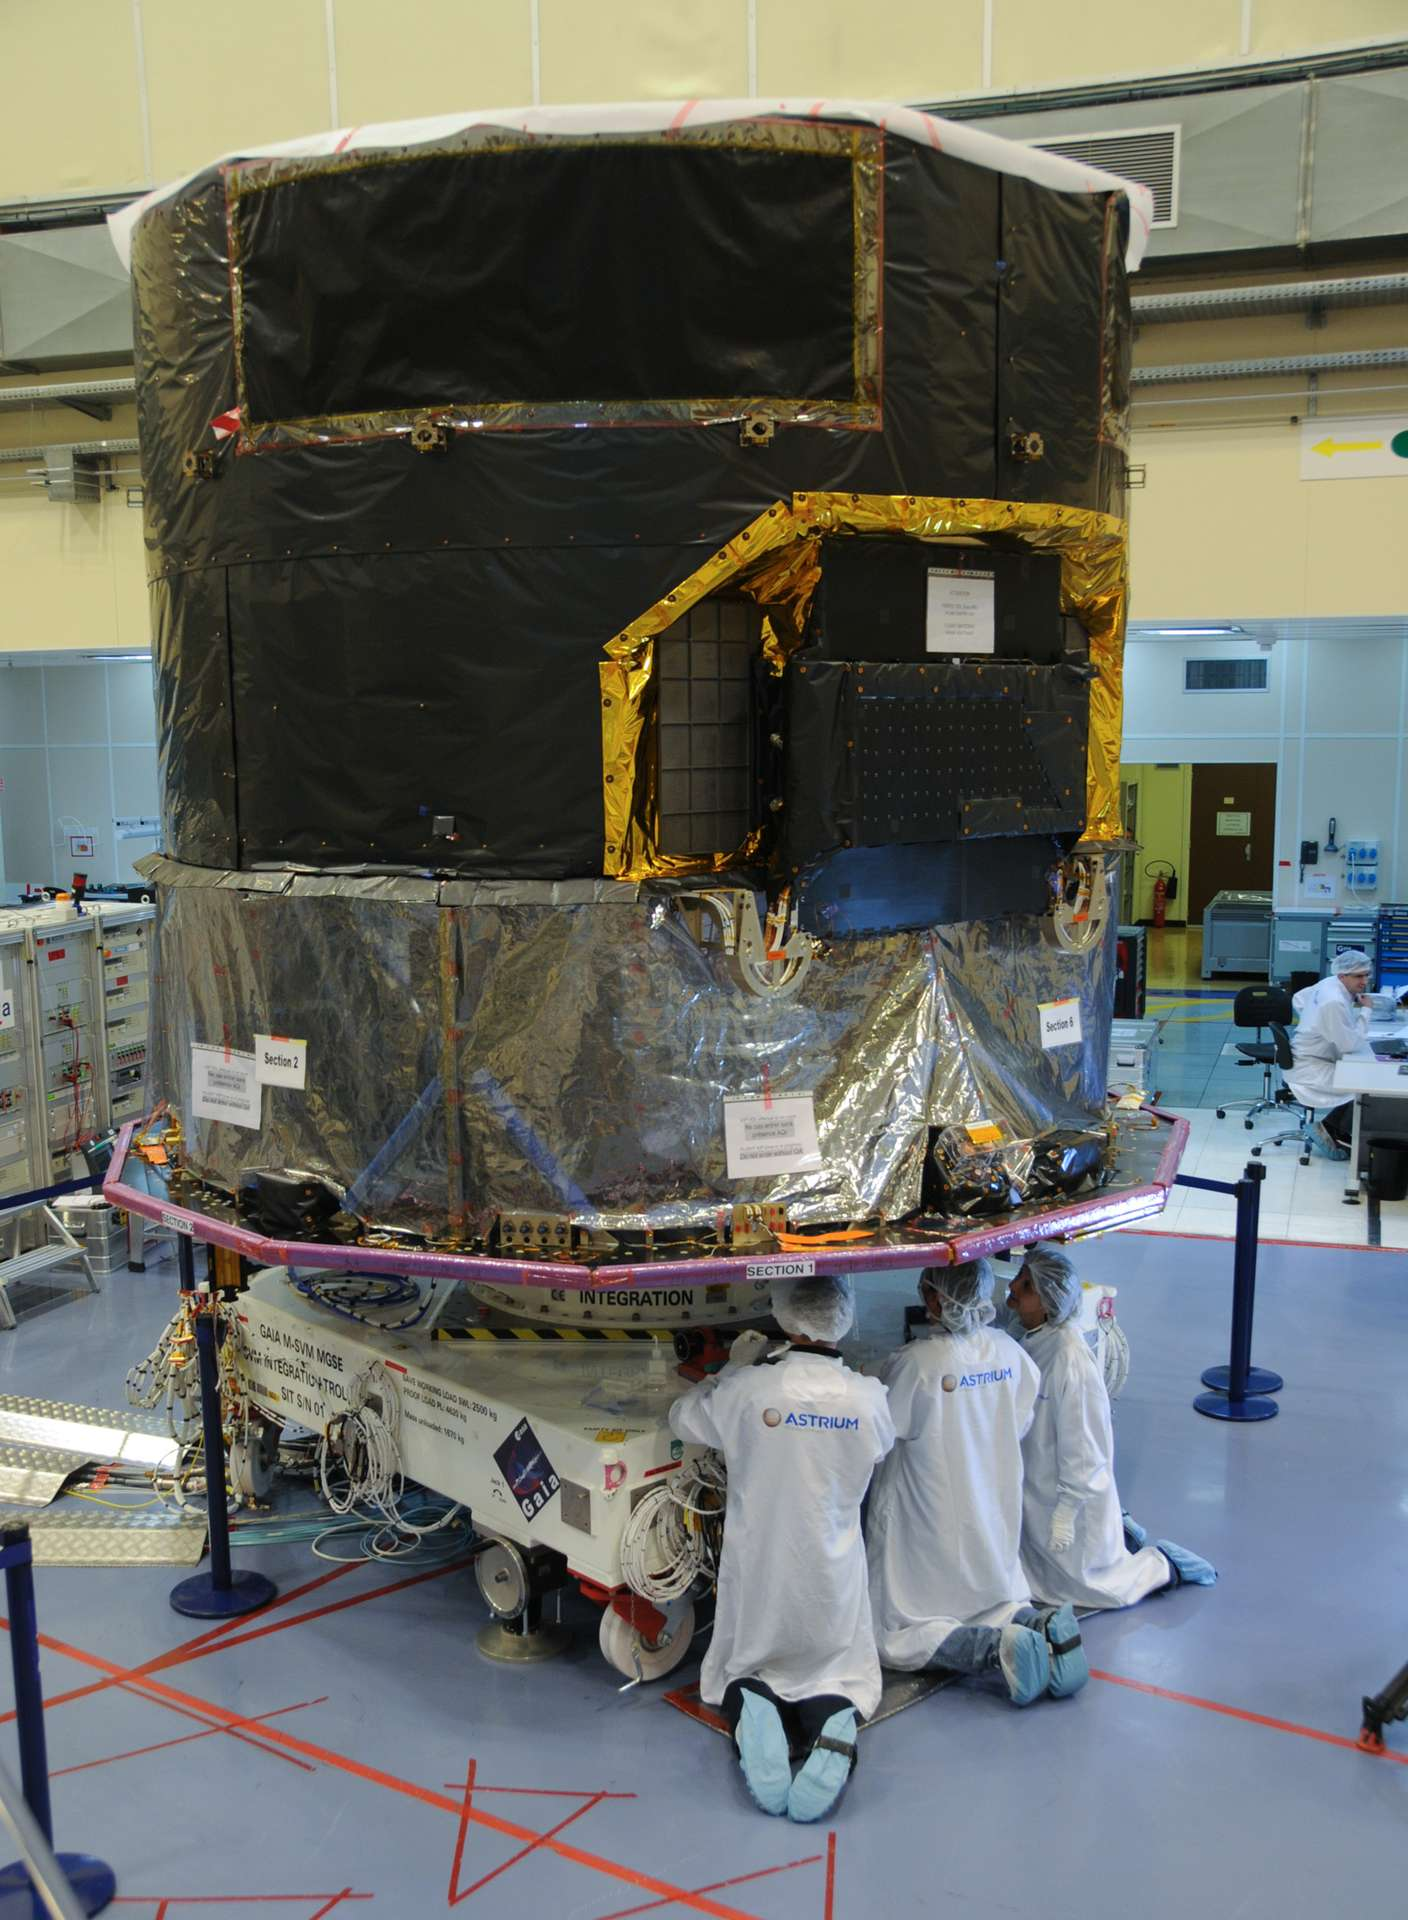 Construit par Astrium, le satellite Gaia embarquera le meilleur de la technologie européenne pour comprendre les origines et l'évolution de l'univers, à l'aide de la mesure ultraprécise des étoiles de la Voie lactée. © Rémy Decourt